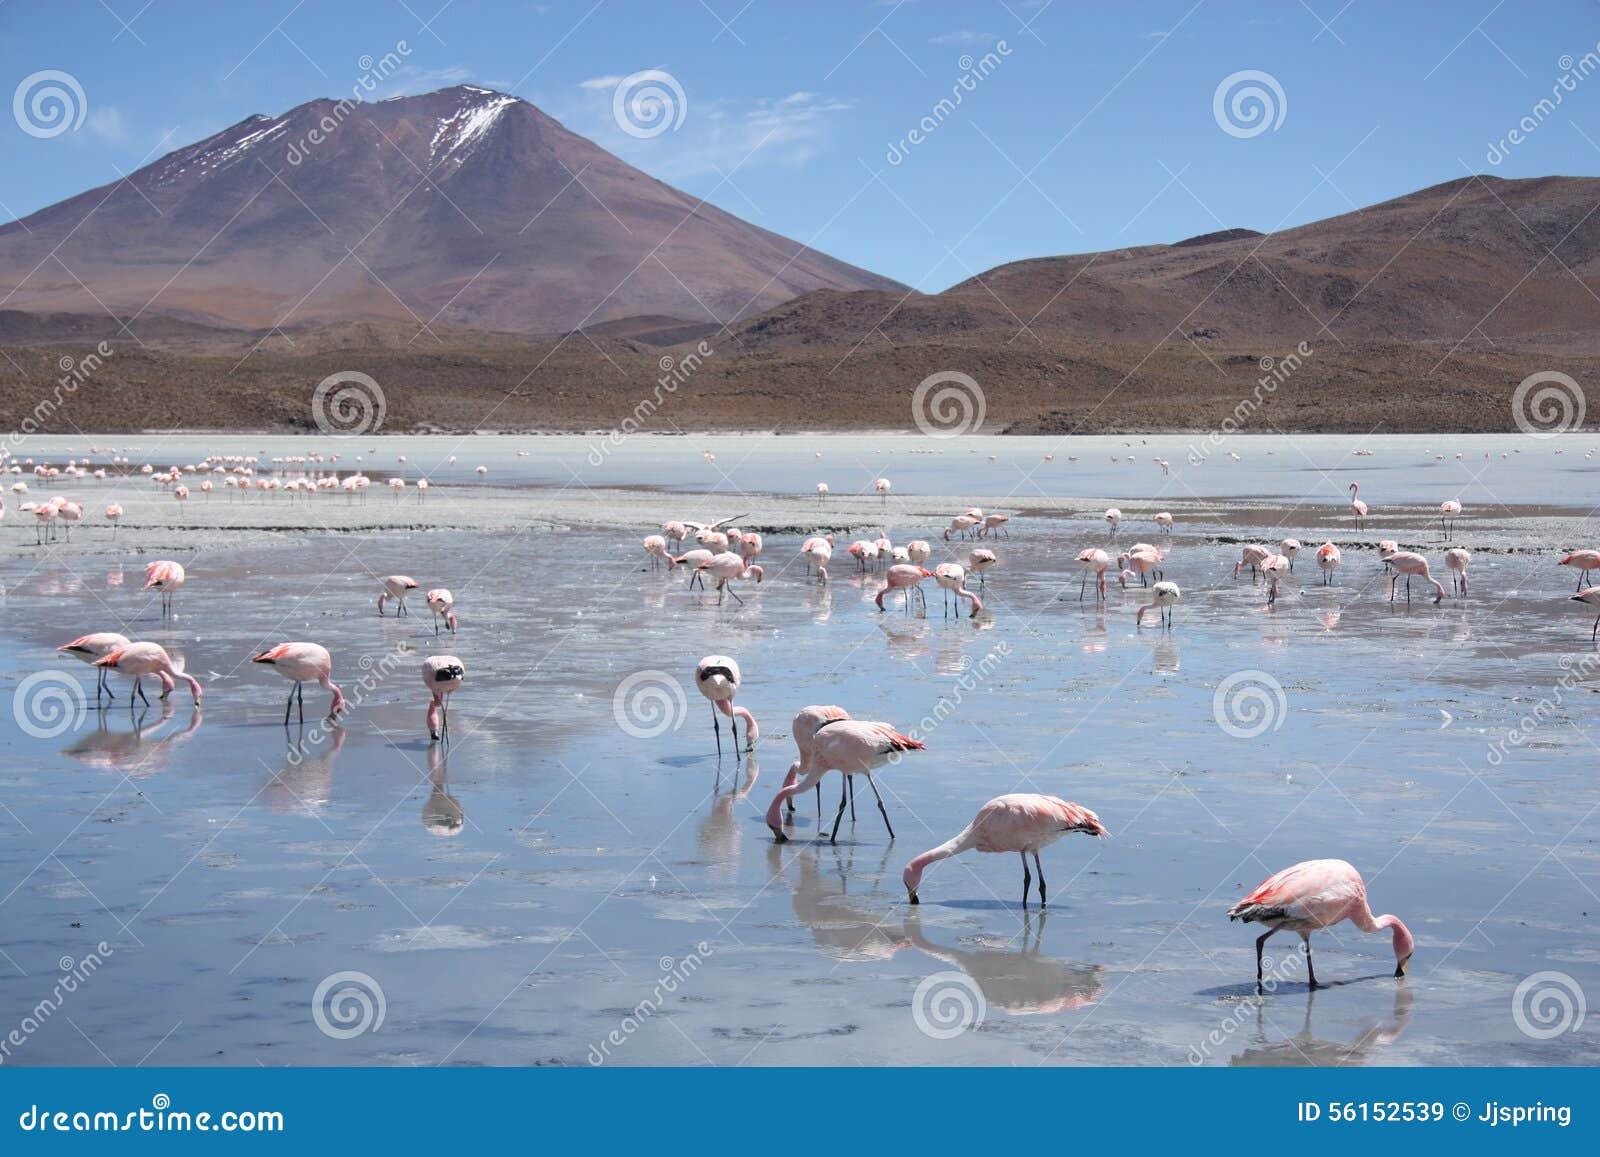 Flamencos en la laguna Hedionda, Bolivia, desierto de Atacama